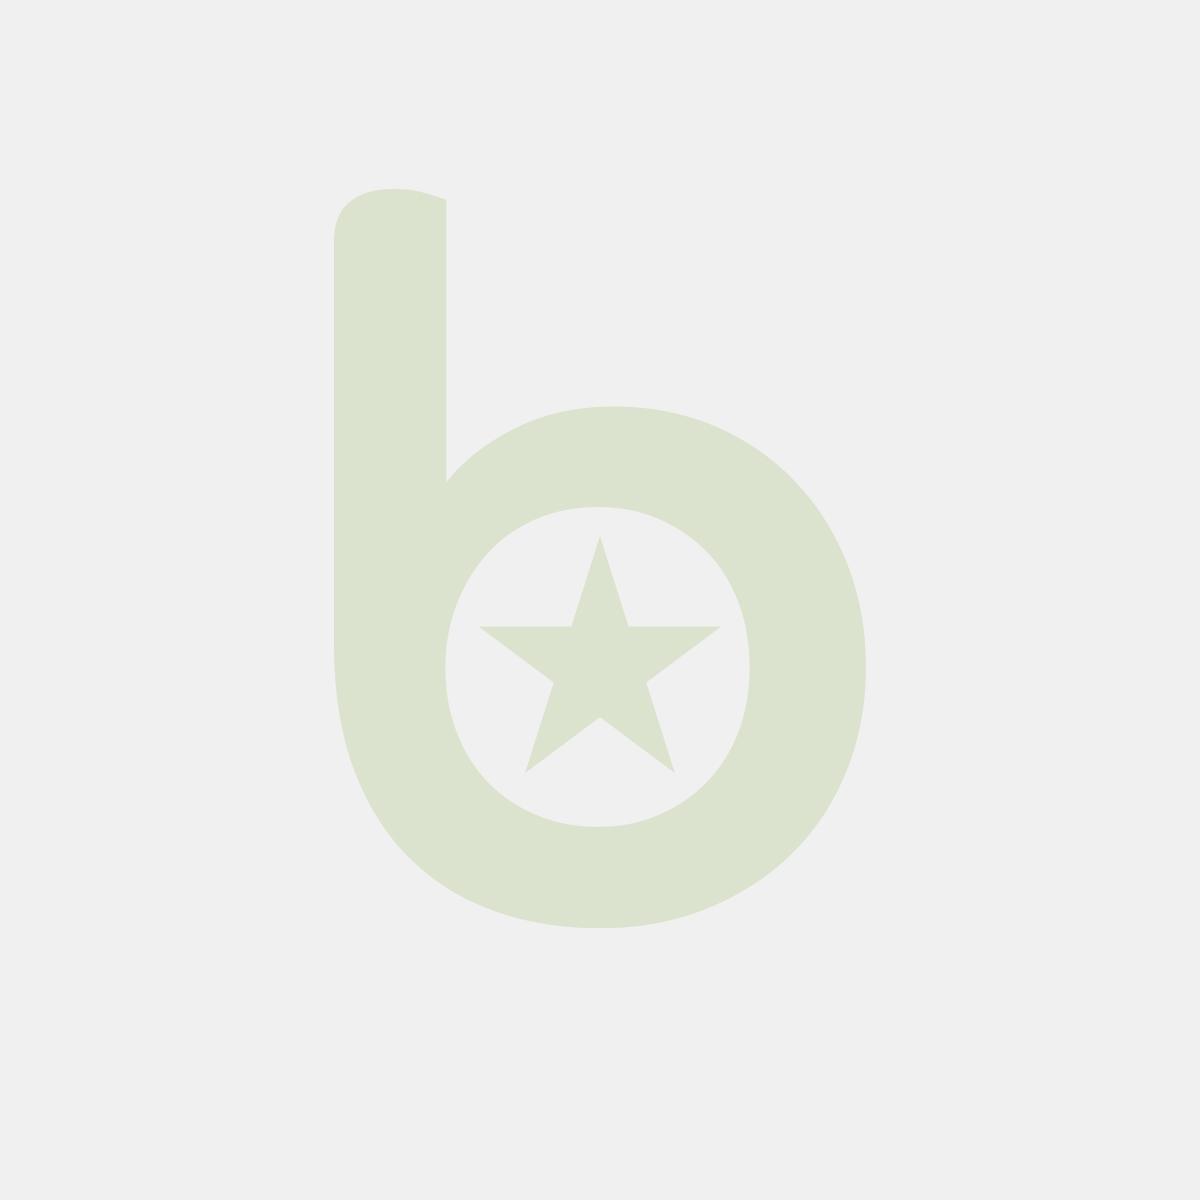 Pojemnik na czasopisma HAN Loop Trend, jasnoniebieski